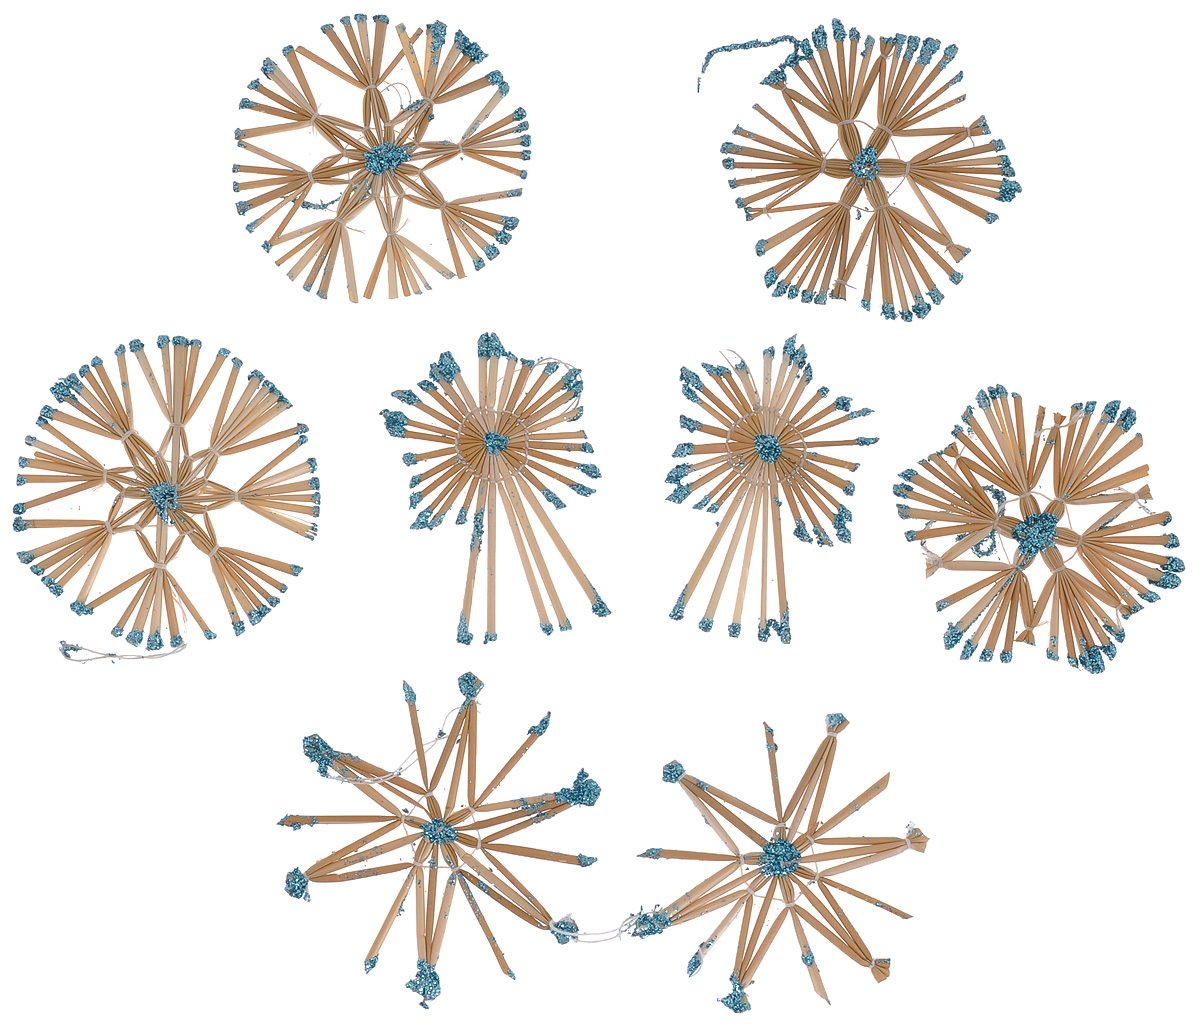 Набор новогодних подвесных украшений Феникс-презент Magic Time, цвет: бирюзовый, светло-коричневый, 8 шт38196Набор Феникс-презент Magic Time, состоящий из 8 новогодних подвесных украшений, отлично подойдет для декорации вашего дома и новогодней ели. Изделиявыполнены из соломы в виде снежинок и звезд, оформленных блестками. Украшения имеют специальные петельки для подвешивания. Коллекция декоративных украшений Феникс-презент Magic Time принесет в ваш дом ни с чем не сравнимое ощущение праздника!Средний размер украшения: 8,5 см х 8,5 см.